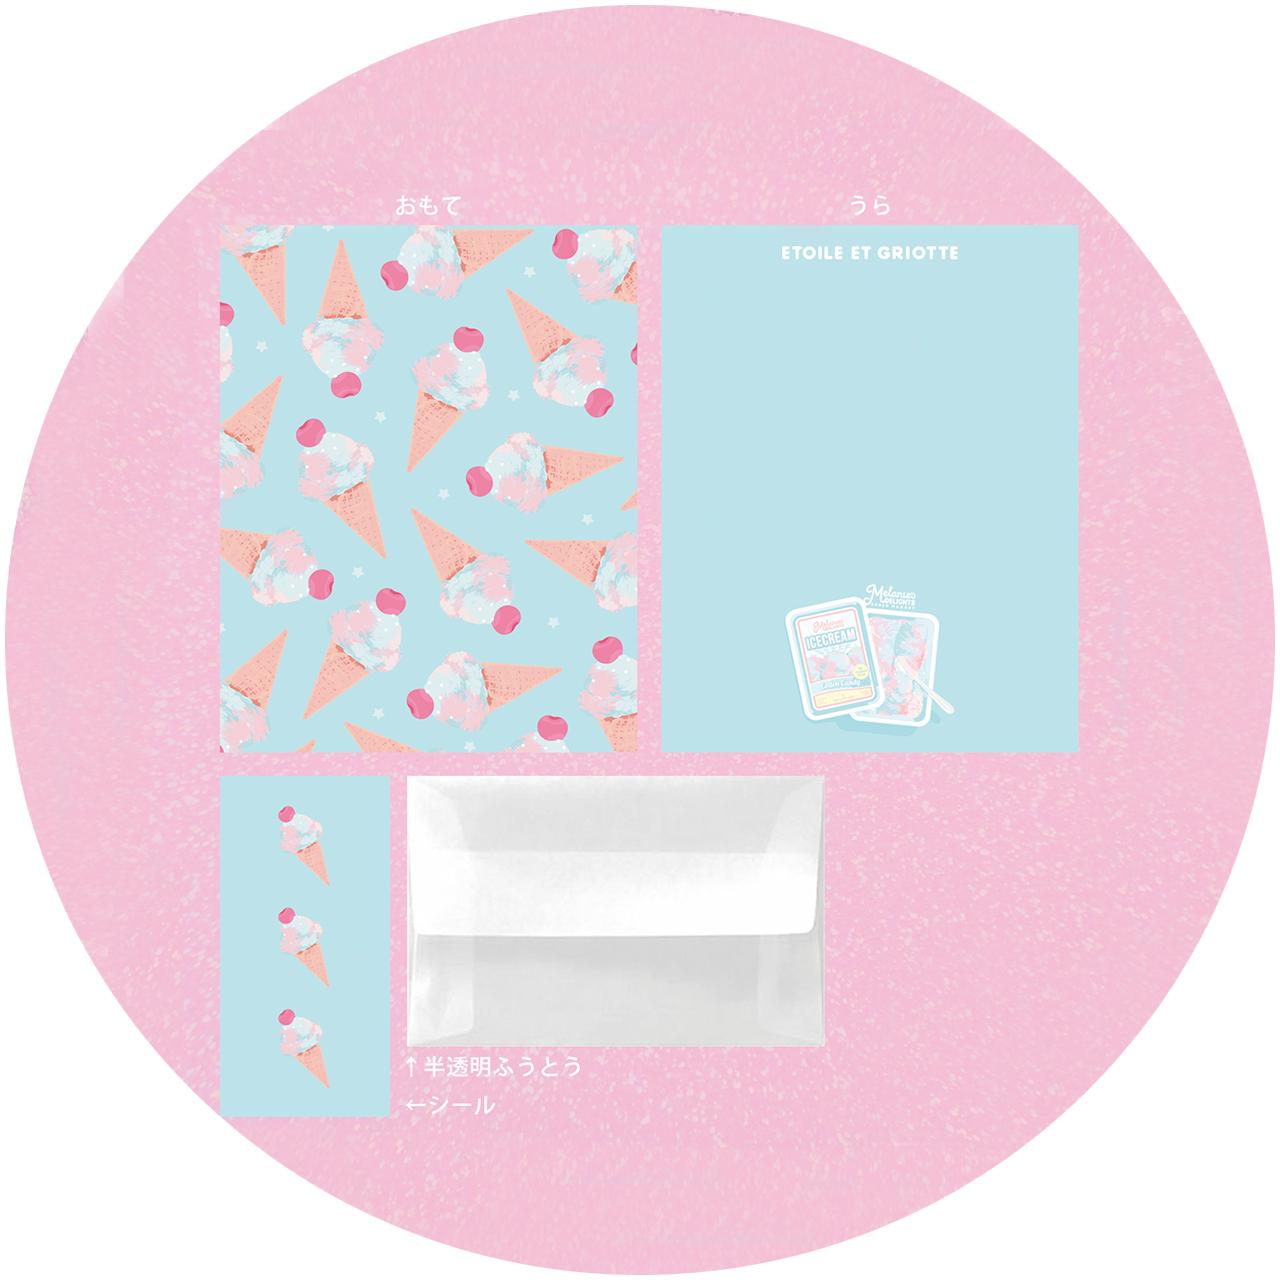 Cotton Candy Icecreamミニレターセット